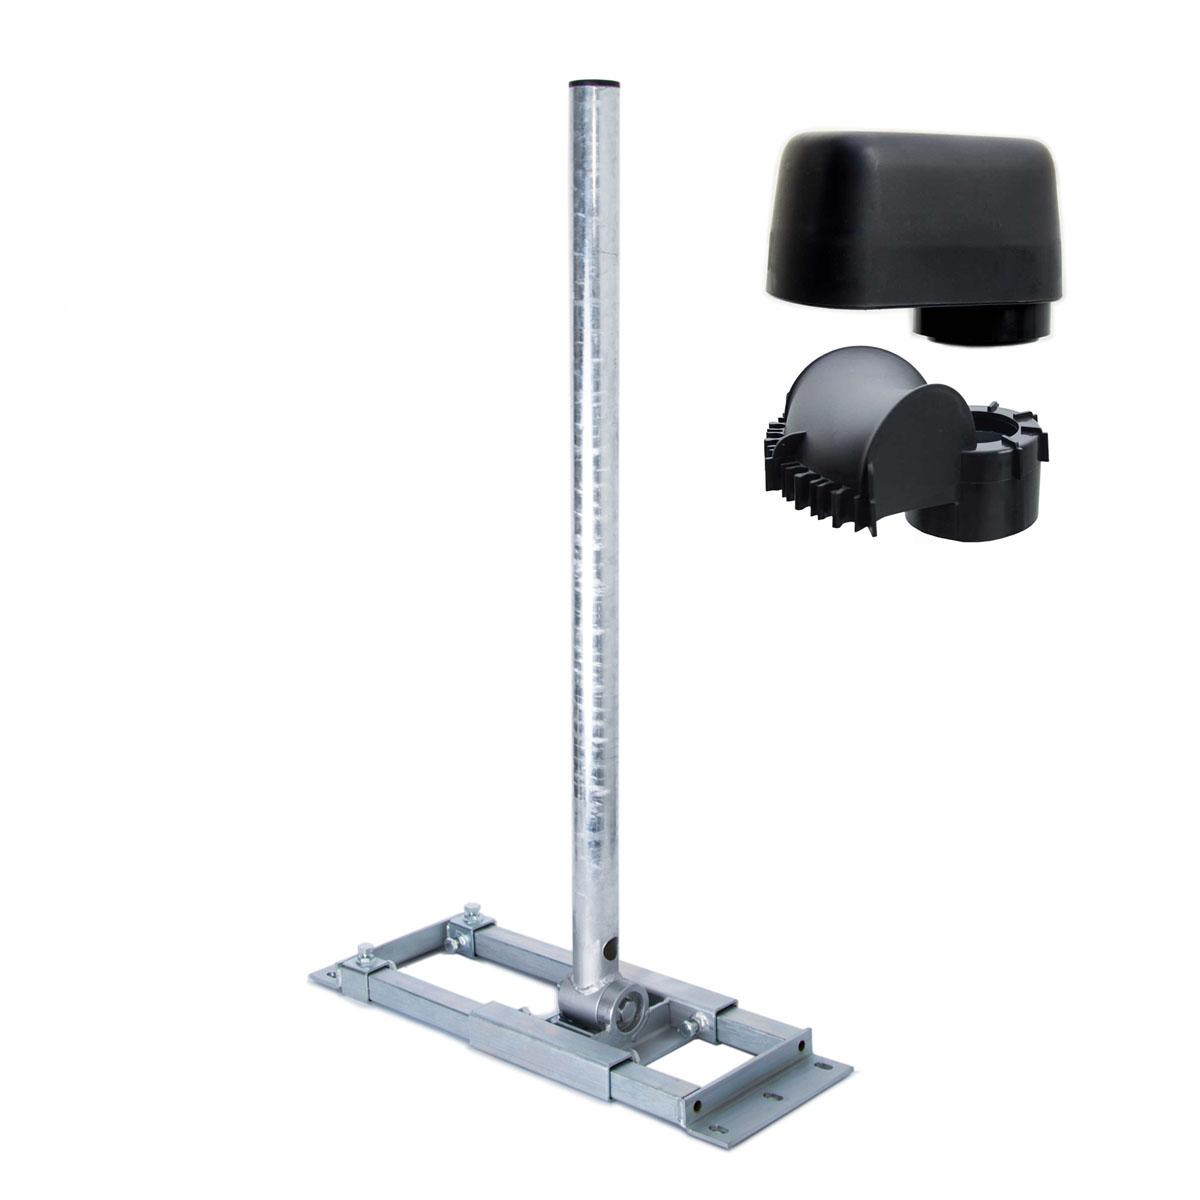 PremiumX DELUXE X130-48 Dachsparrenhalter 130cm Mast SAT Antenne Sparrenhalter Dachhalter mit Kabeldurchführung Mastkappe